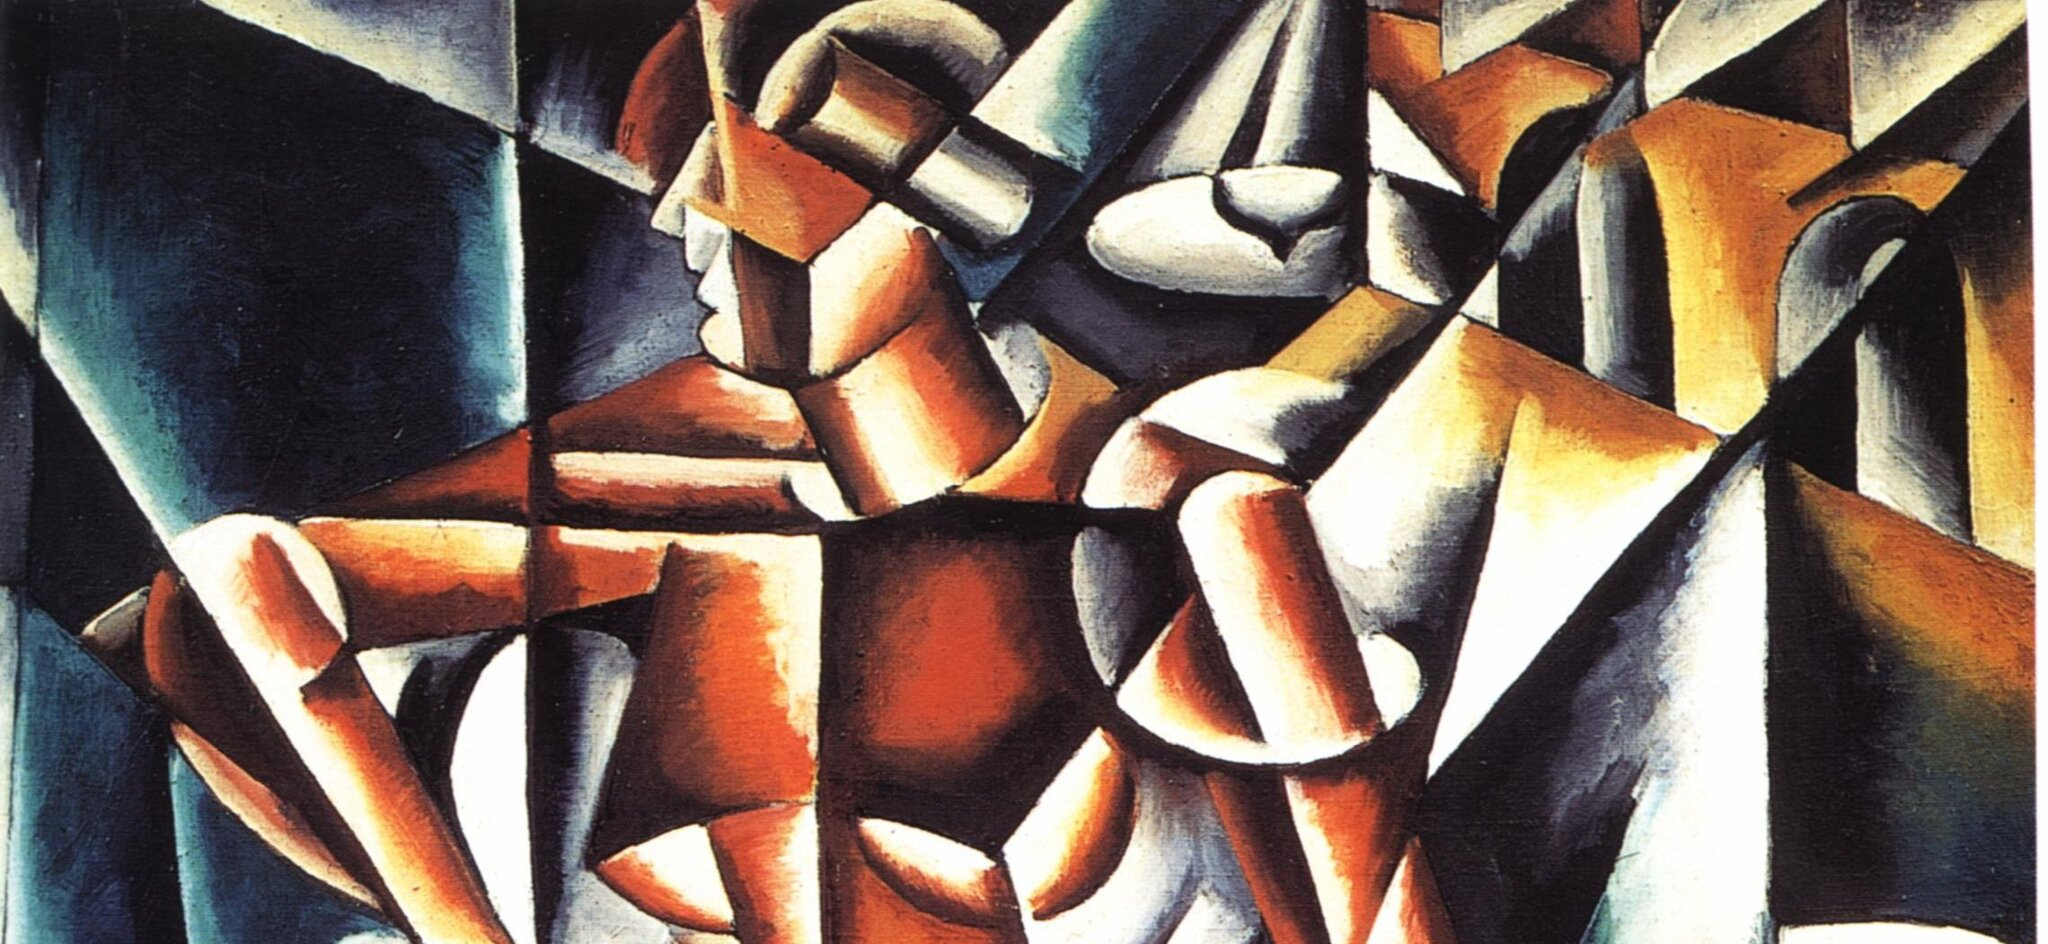 Powietrze – człowiek – przestrzeń (fragment) Źródło: Lyubov Popova, Powietrze – człowiek – przestrzeń (fragment), 1912, domena publiczna.